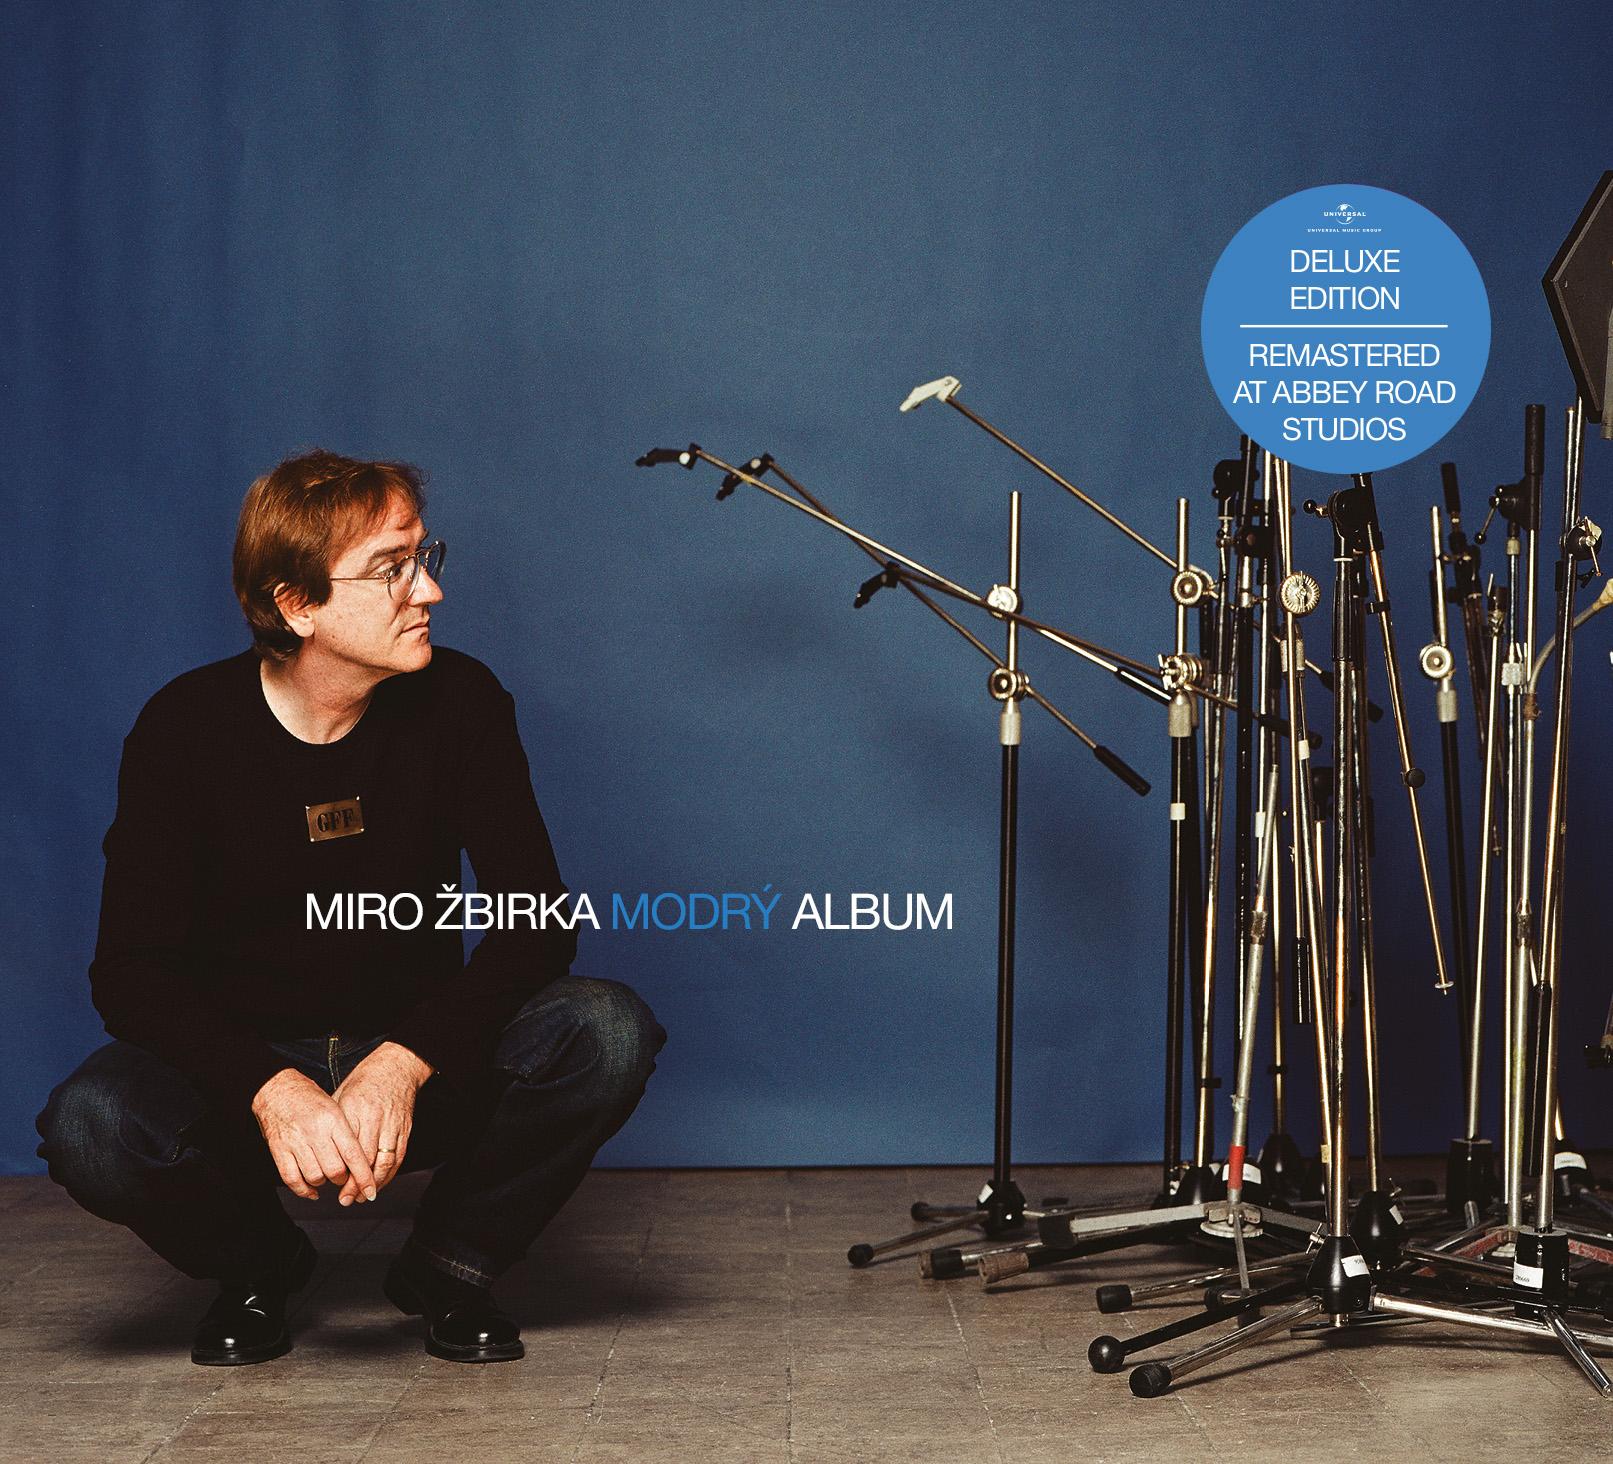 CD Shop - ZBIRKA MIRO MODRY ALBUM/DELUXE EDITION